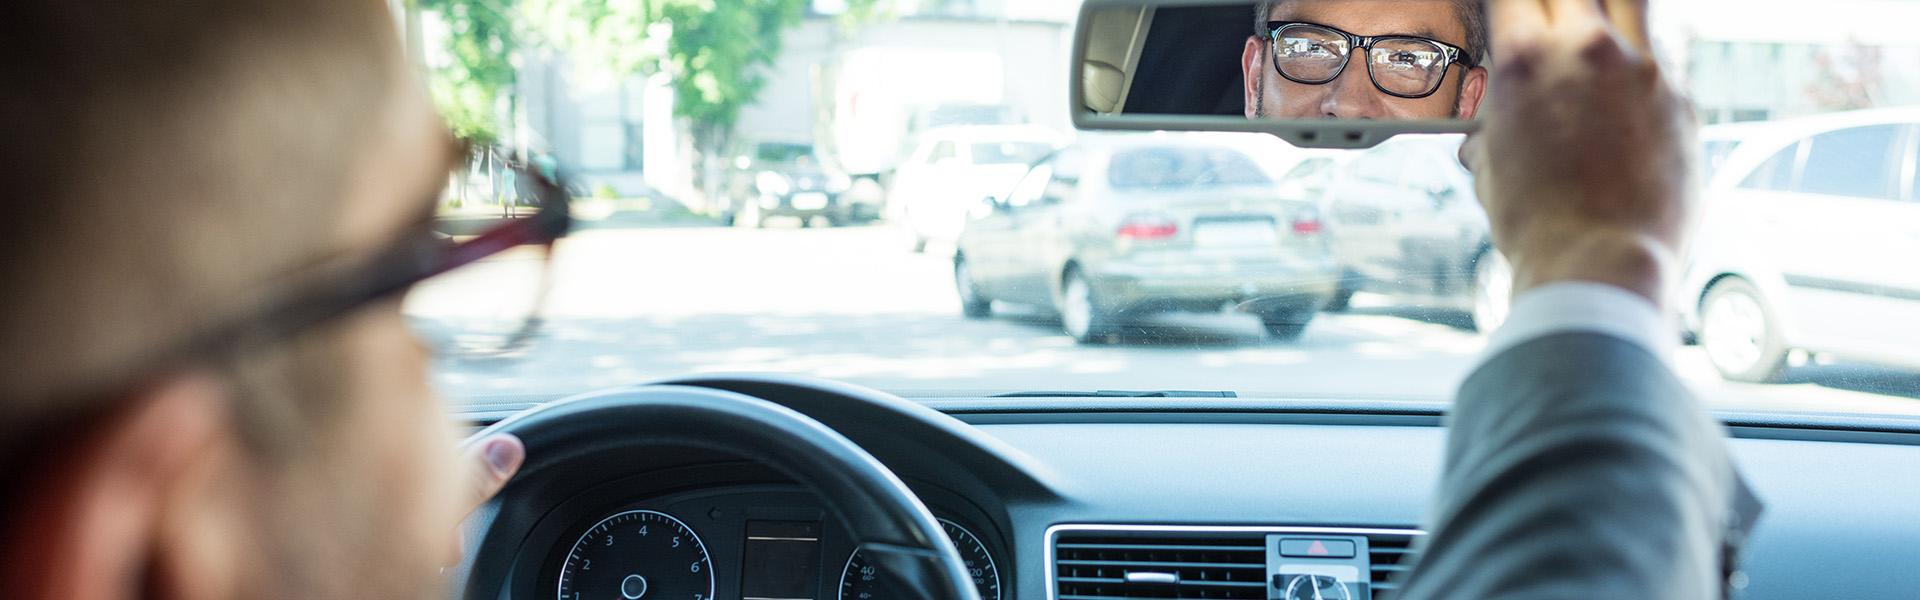 Auto Insurance in Oneonta, Walton, Hobart, Margaretville NY, Delhi NY